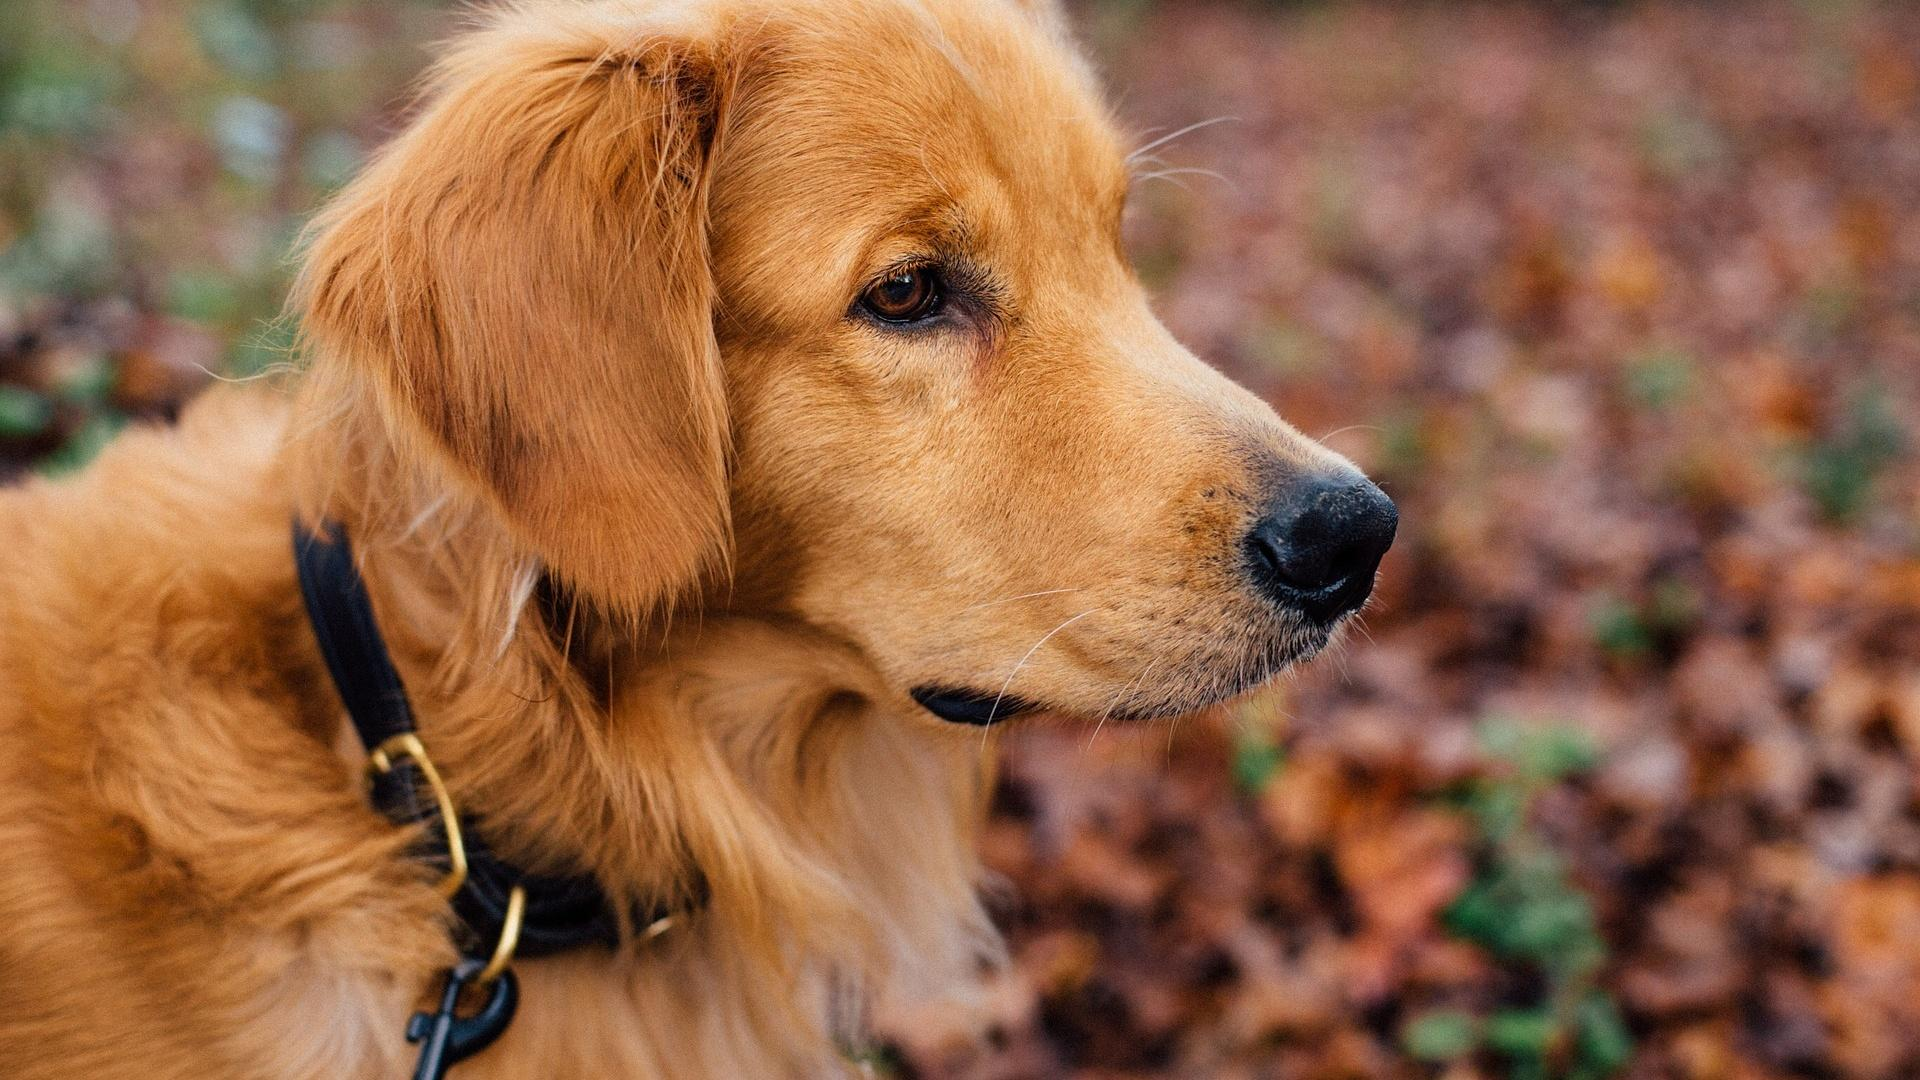 Verschiedene Verhaltensweisen eines Hundes können auf die Notwendigkeit einer Verhaltenstherapie aufmerksam machen.